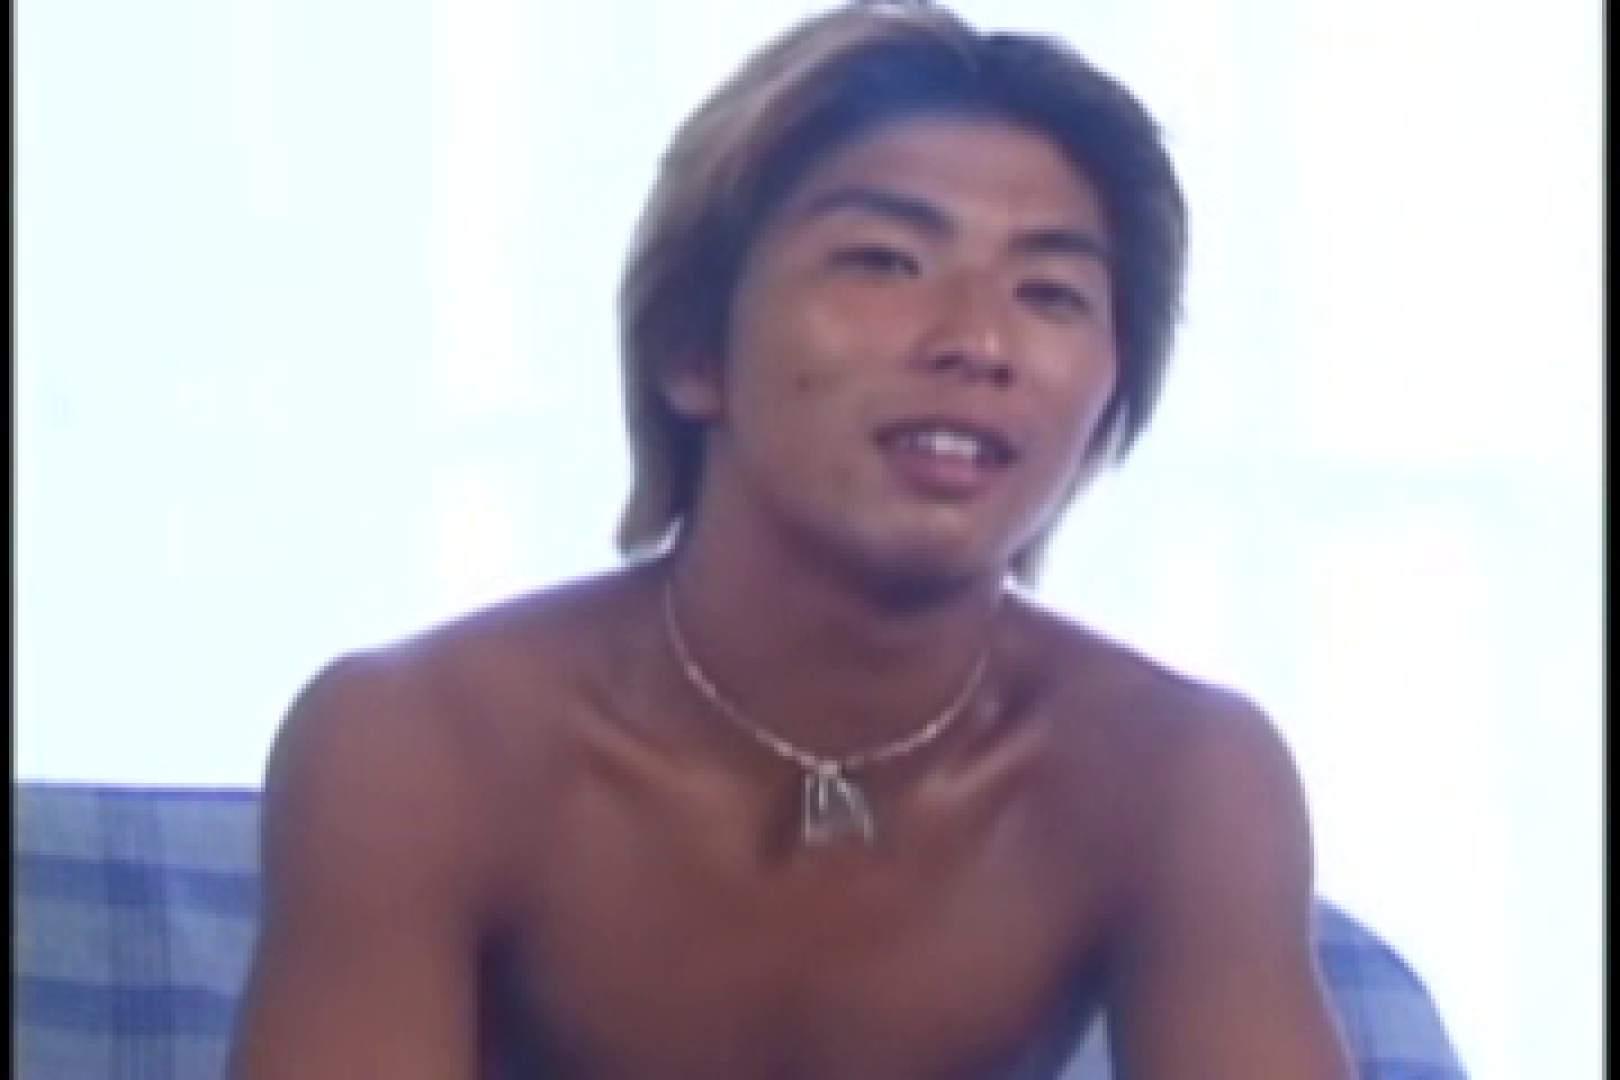 ノンケ!!イケメンサーファーのお試し初体験 野外露出 ゲイ素人エロ画像 101枚 47